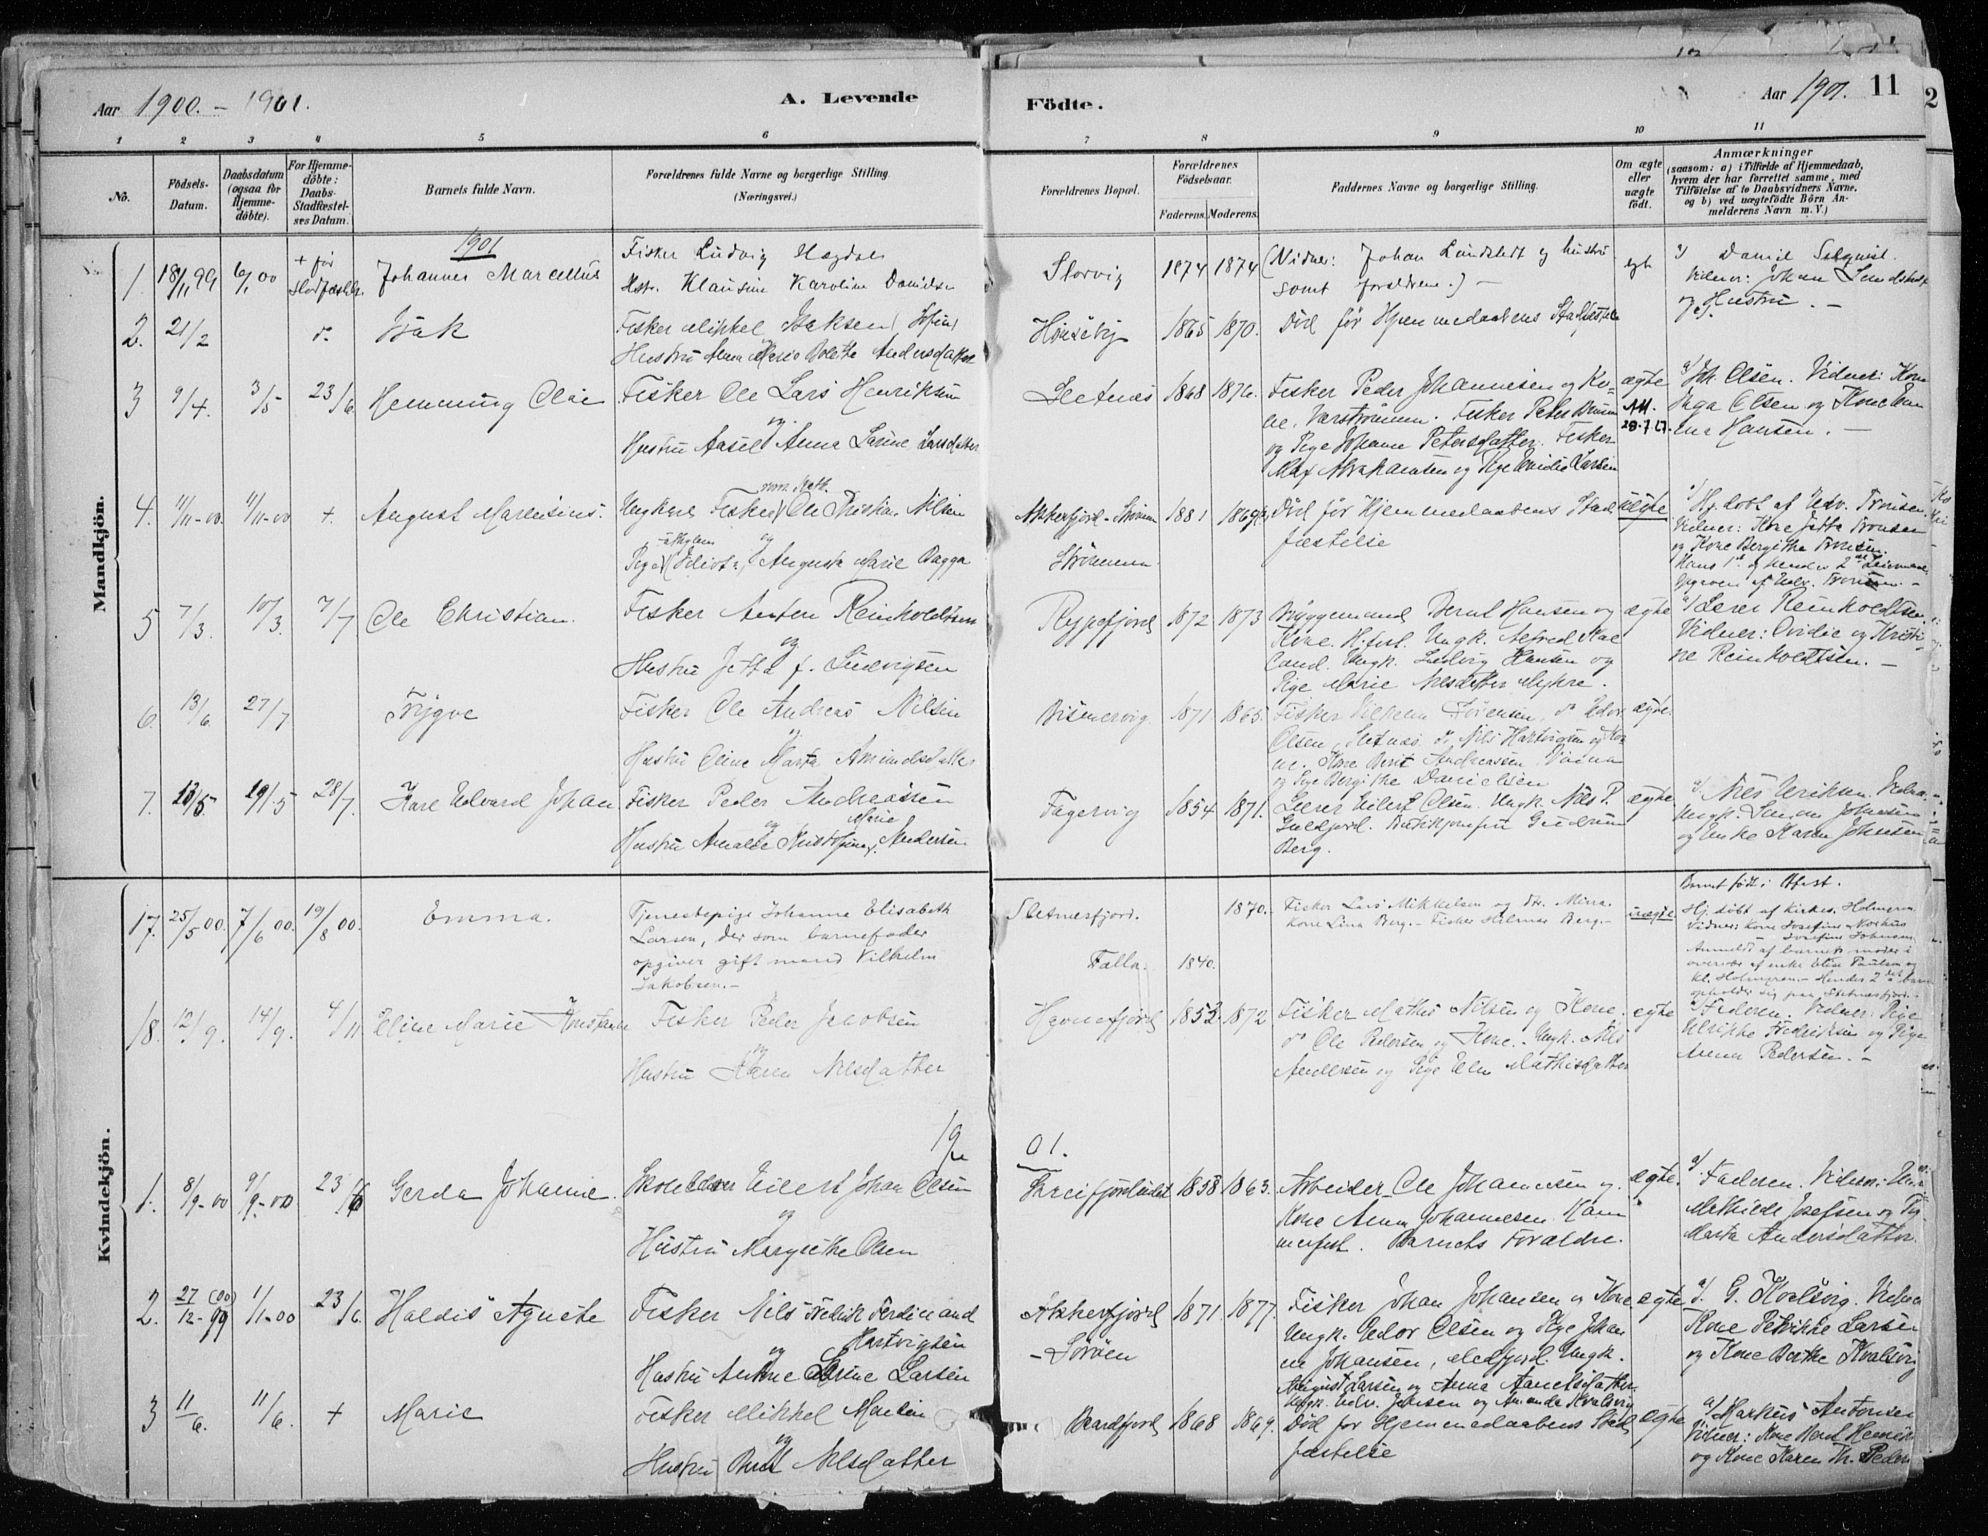 SATØ, Hammerfest sokneprestkontor, H/Ha/L0013.kirke: Ministerialbok nr. 13, 1898-1917, s. 11